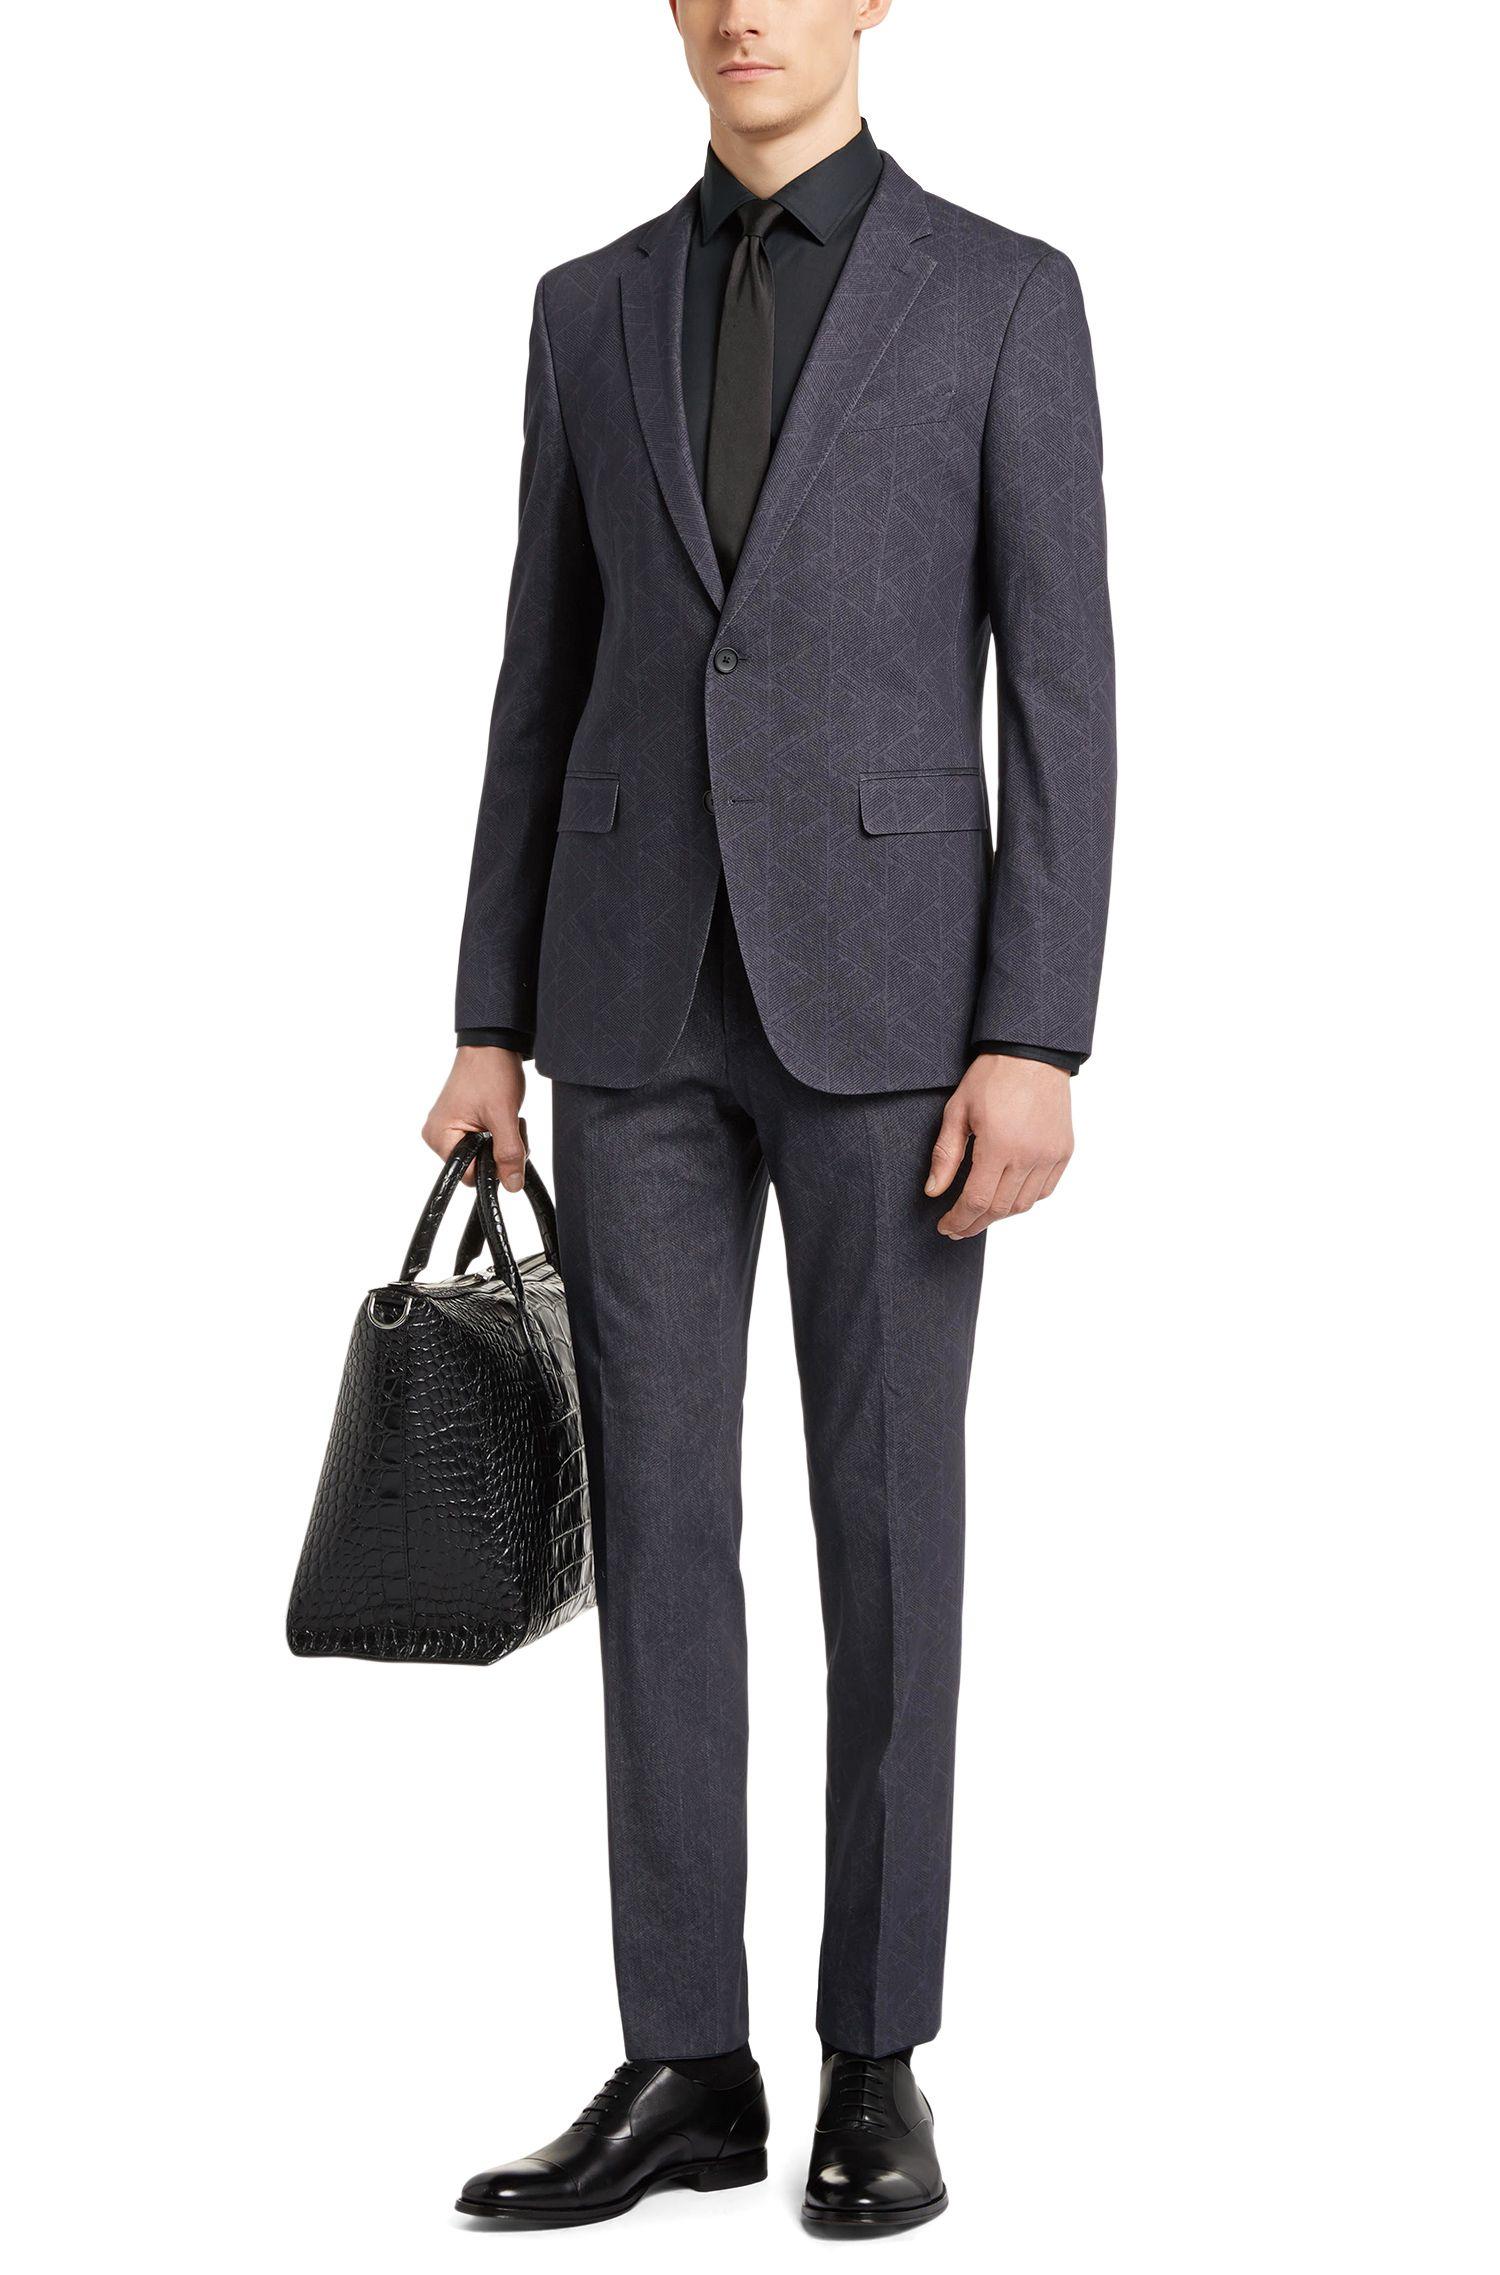 Geometric Stretch Cotton Suit, Slim Fit | Novan/Ben, Charcoal